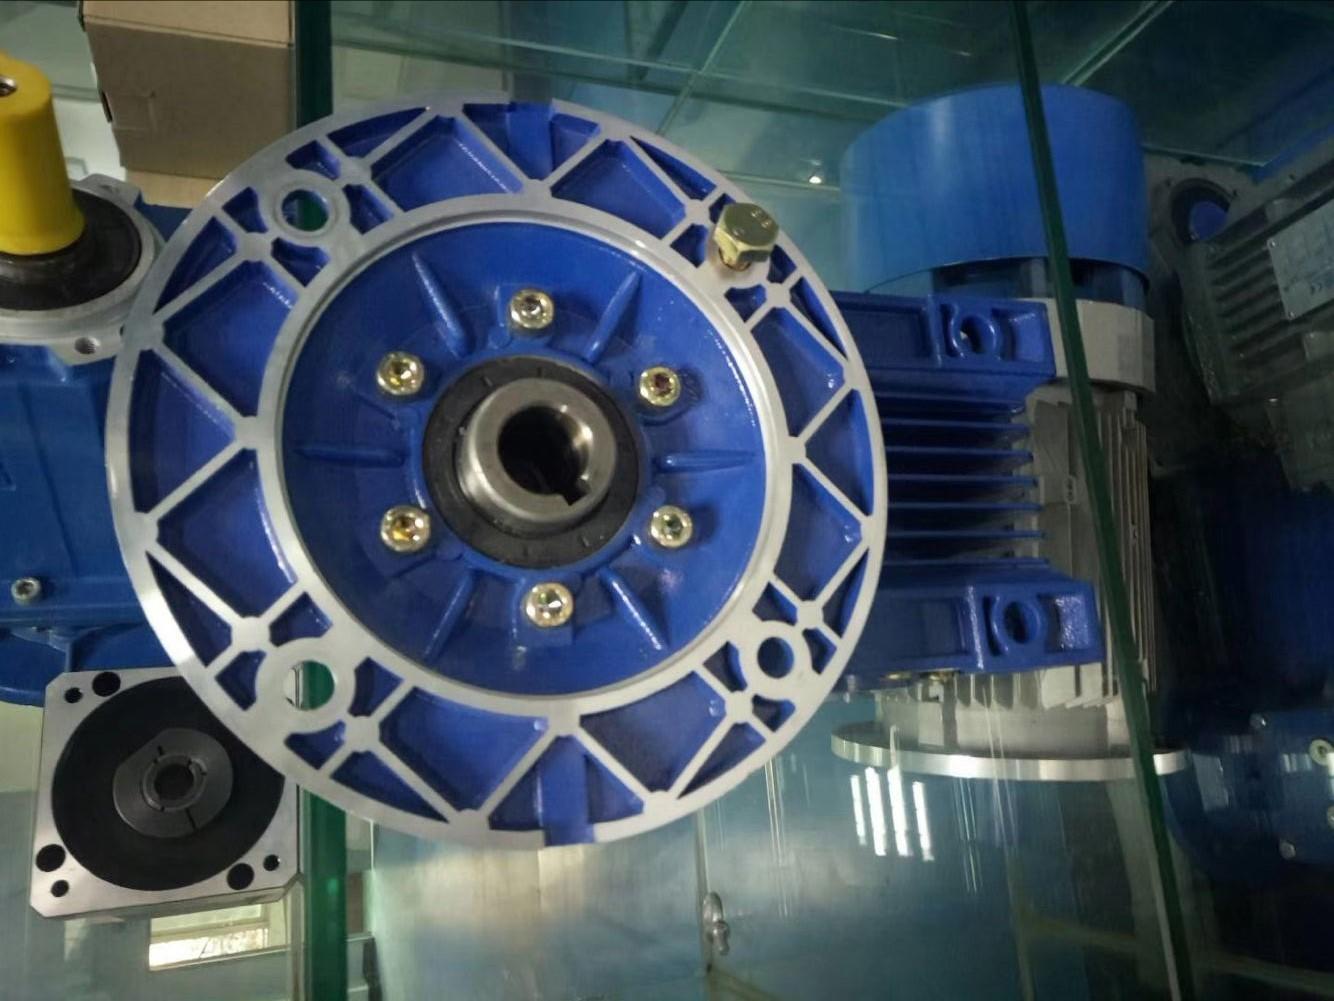 带式输送机RV040减速机旋转轴唇形密封圈的应用。某煤矿带式输送机系统共有驱动蜗轮蜗杆减速机三台,均使用工业齿轮油,且润滑油更换周期为年。夏季系统重载运行时,转运站的环境温度达30-40,RV减速机高速输入端表面温度可接近80摄氏度。自某次大修以来,这几台设备高速端油封多次出现非正常漏油,夏季高温条件下情况尤为严重。对这三台蜗轮蜗杆减速箱解体发现,油封唇口和轴表面以及轴承内外圈和保持架部位均积有大量油泥和油垢,同时润滑油泡沫化严重;由于油封更换工作投入的工作量大、工期长,因此严重影响了带式输送机系统的安全